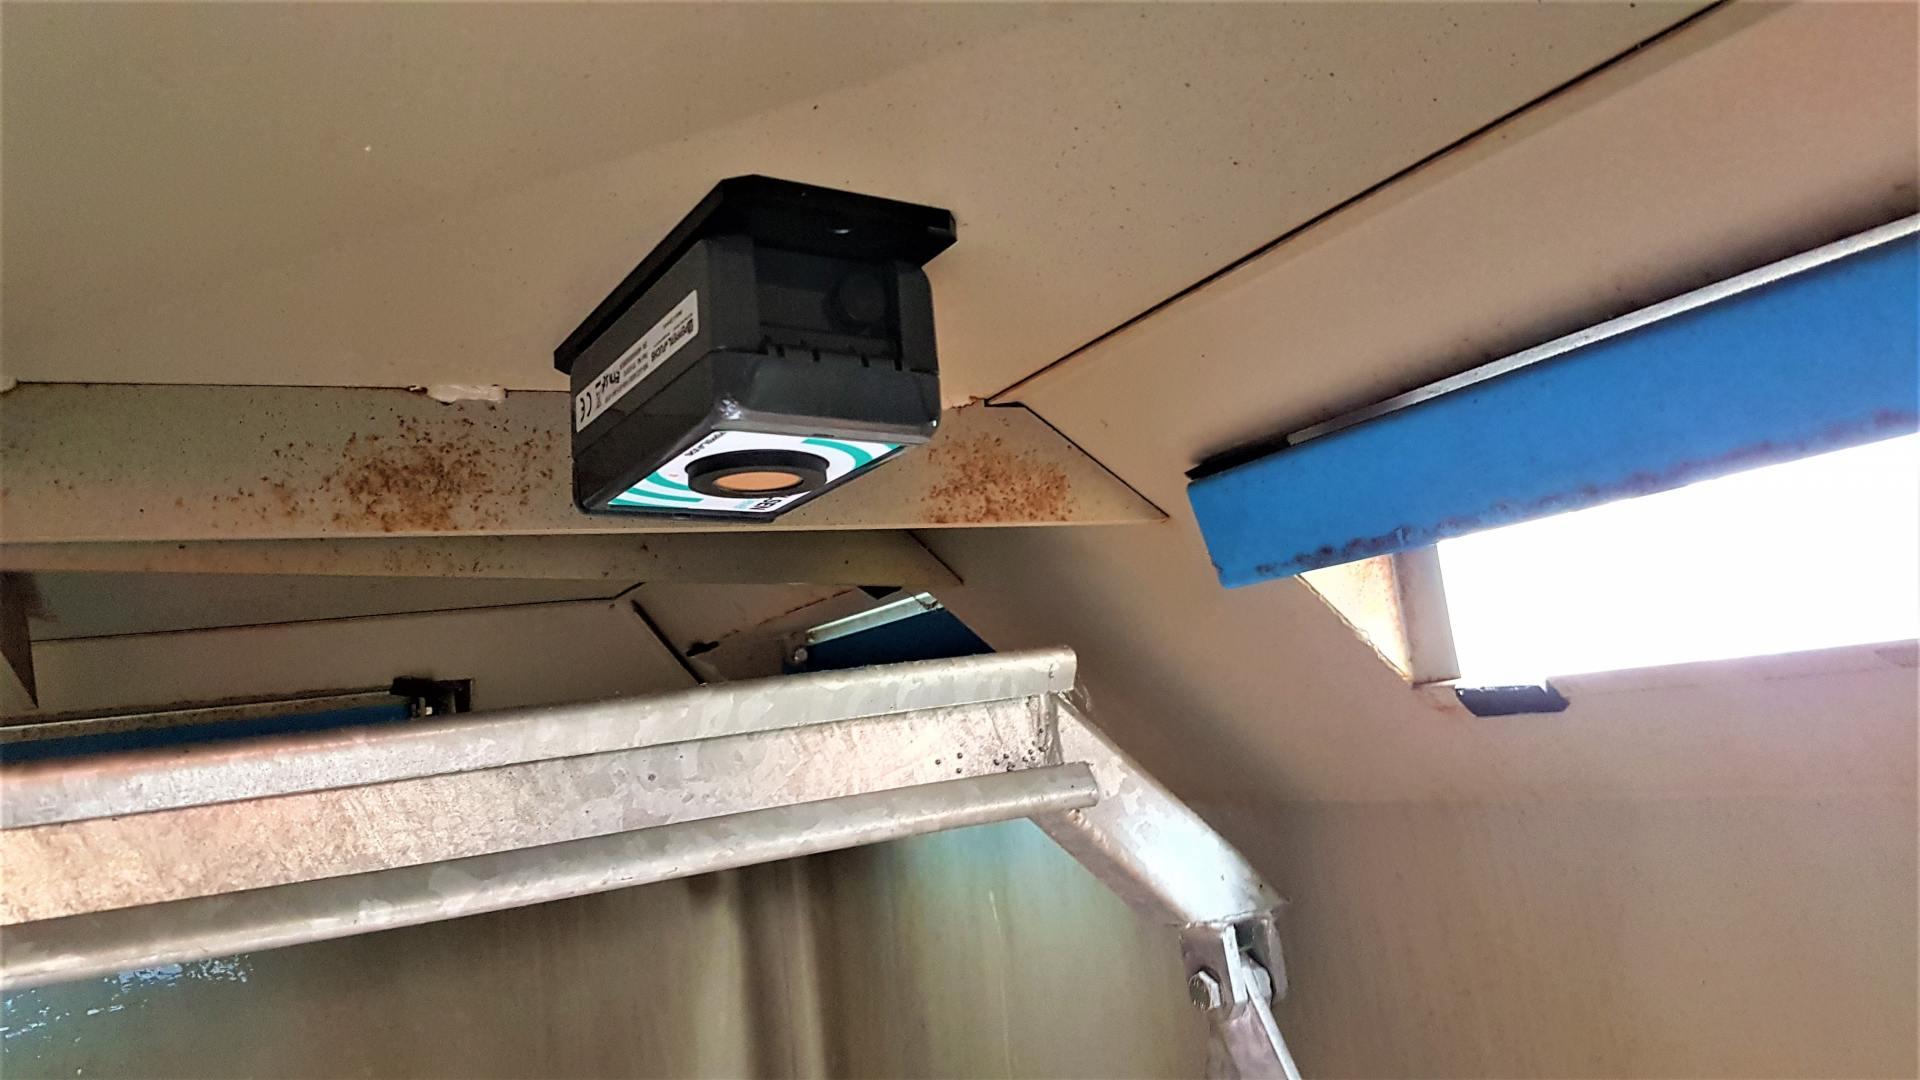 Füllstandsensoren in intelligenten Abfallbehältern (Smart Bins)